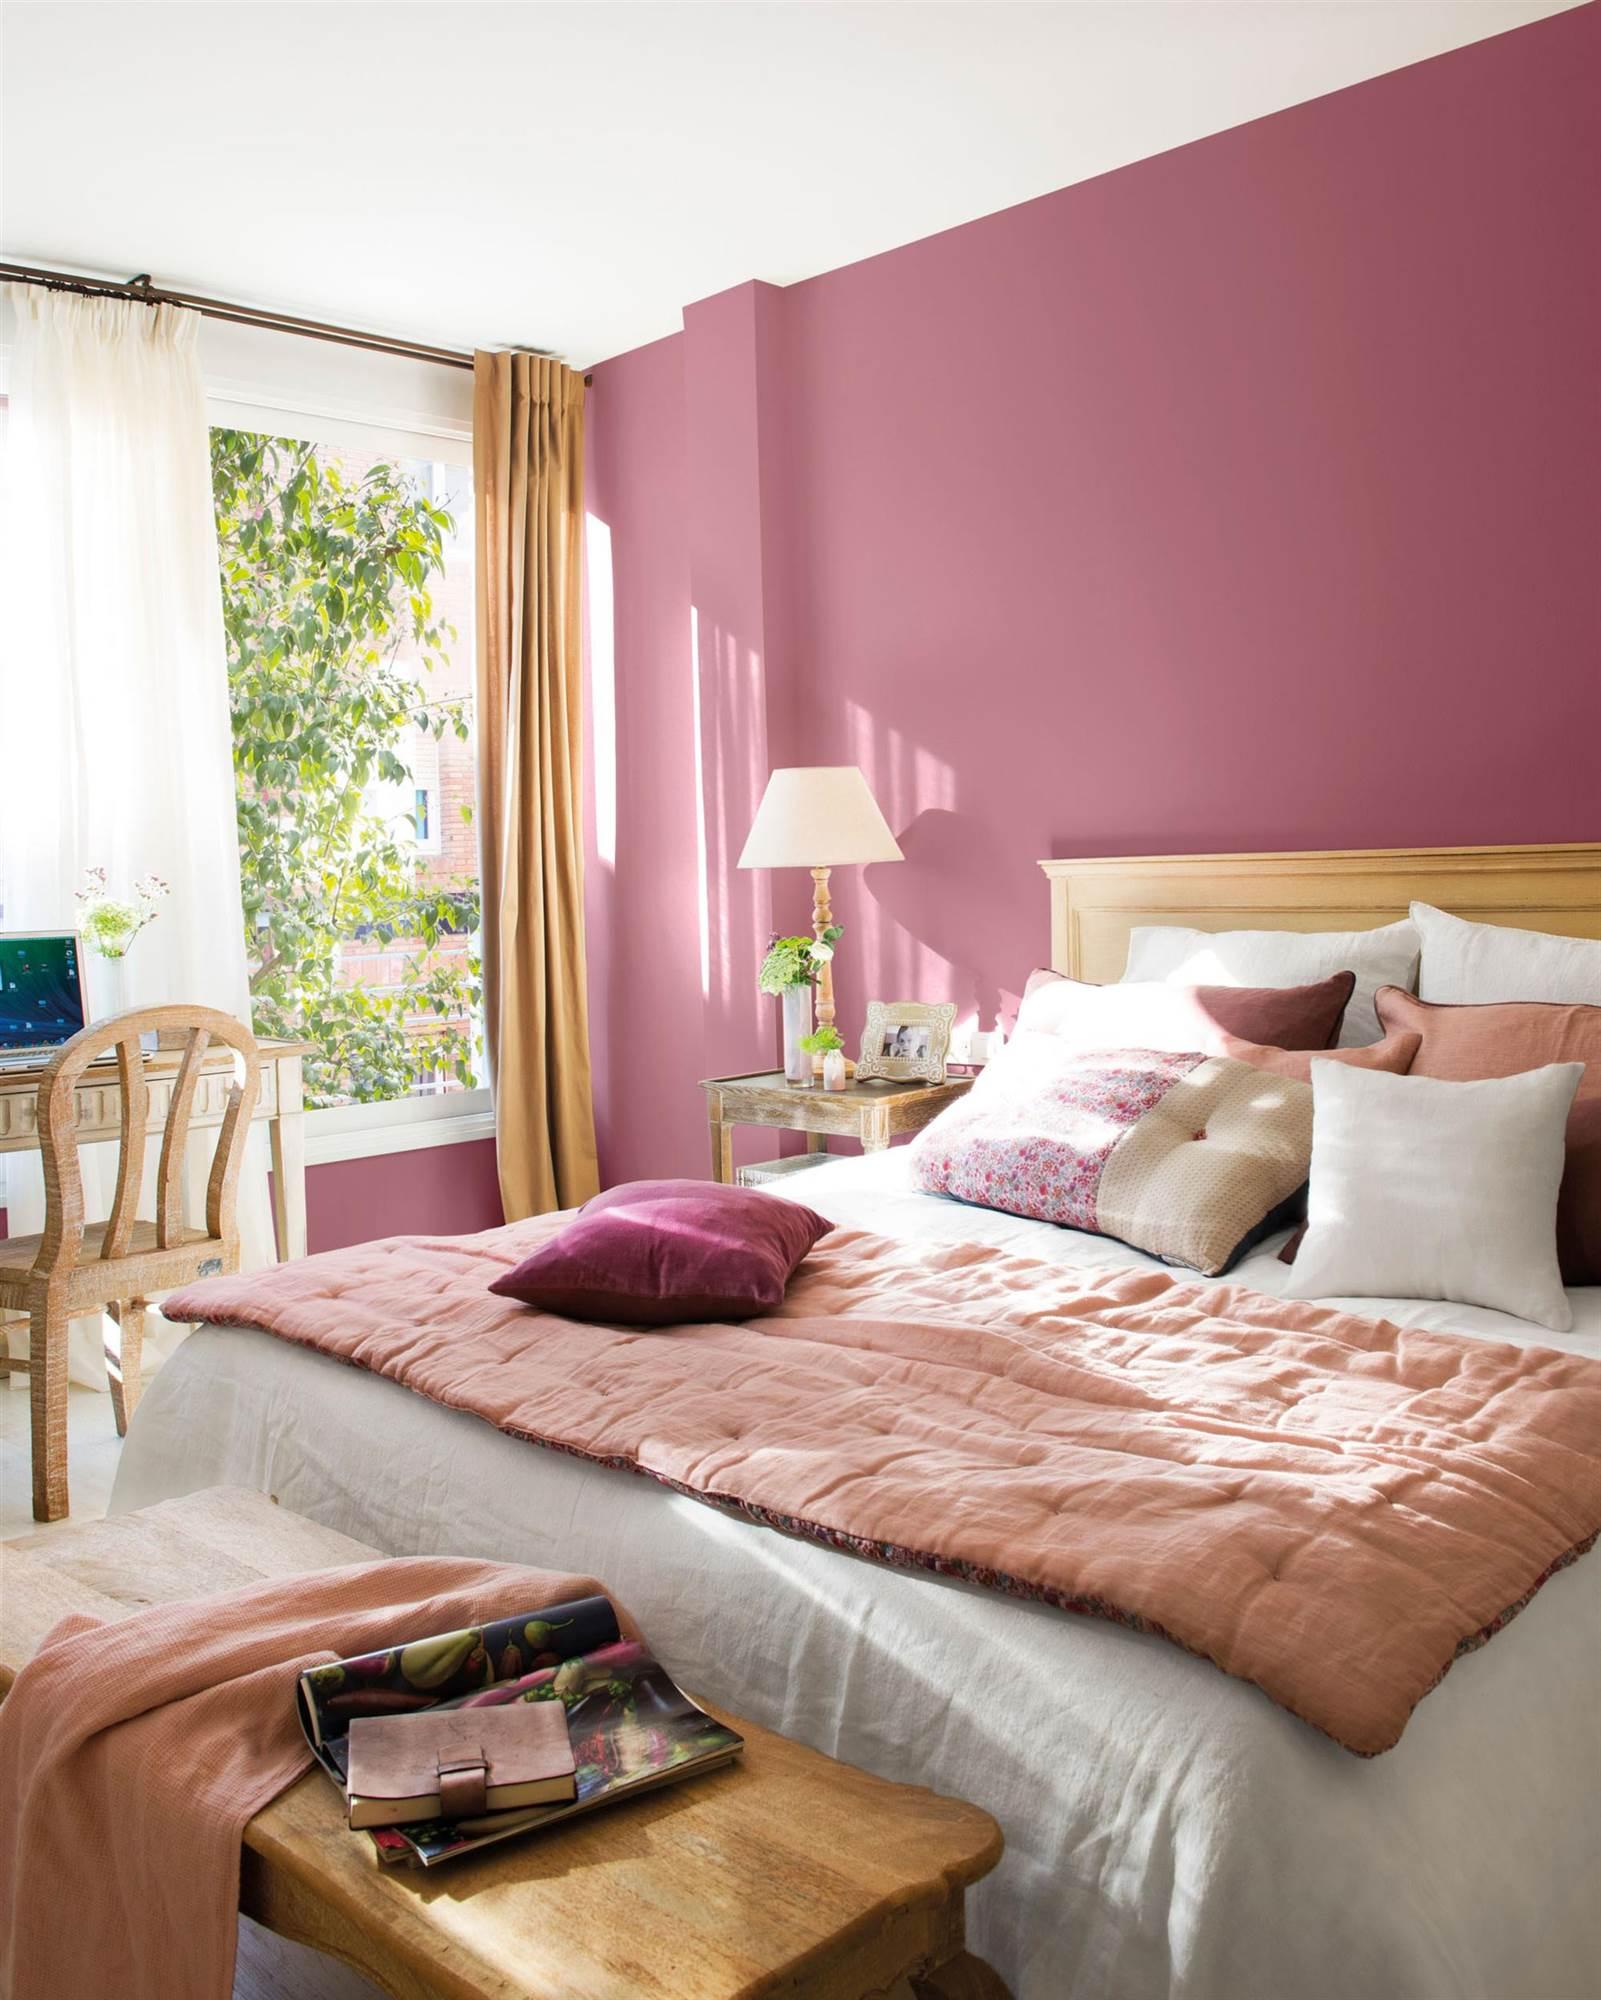 dormitorio con pared morada_PISCIS-MORADO-RETOQUE-VIRGIN-00457206